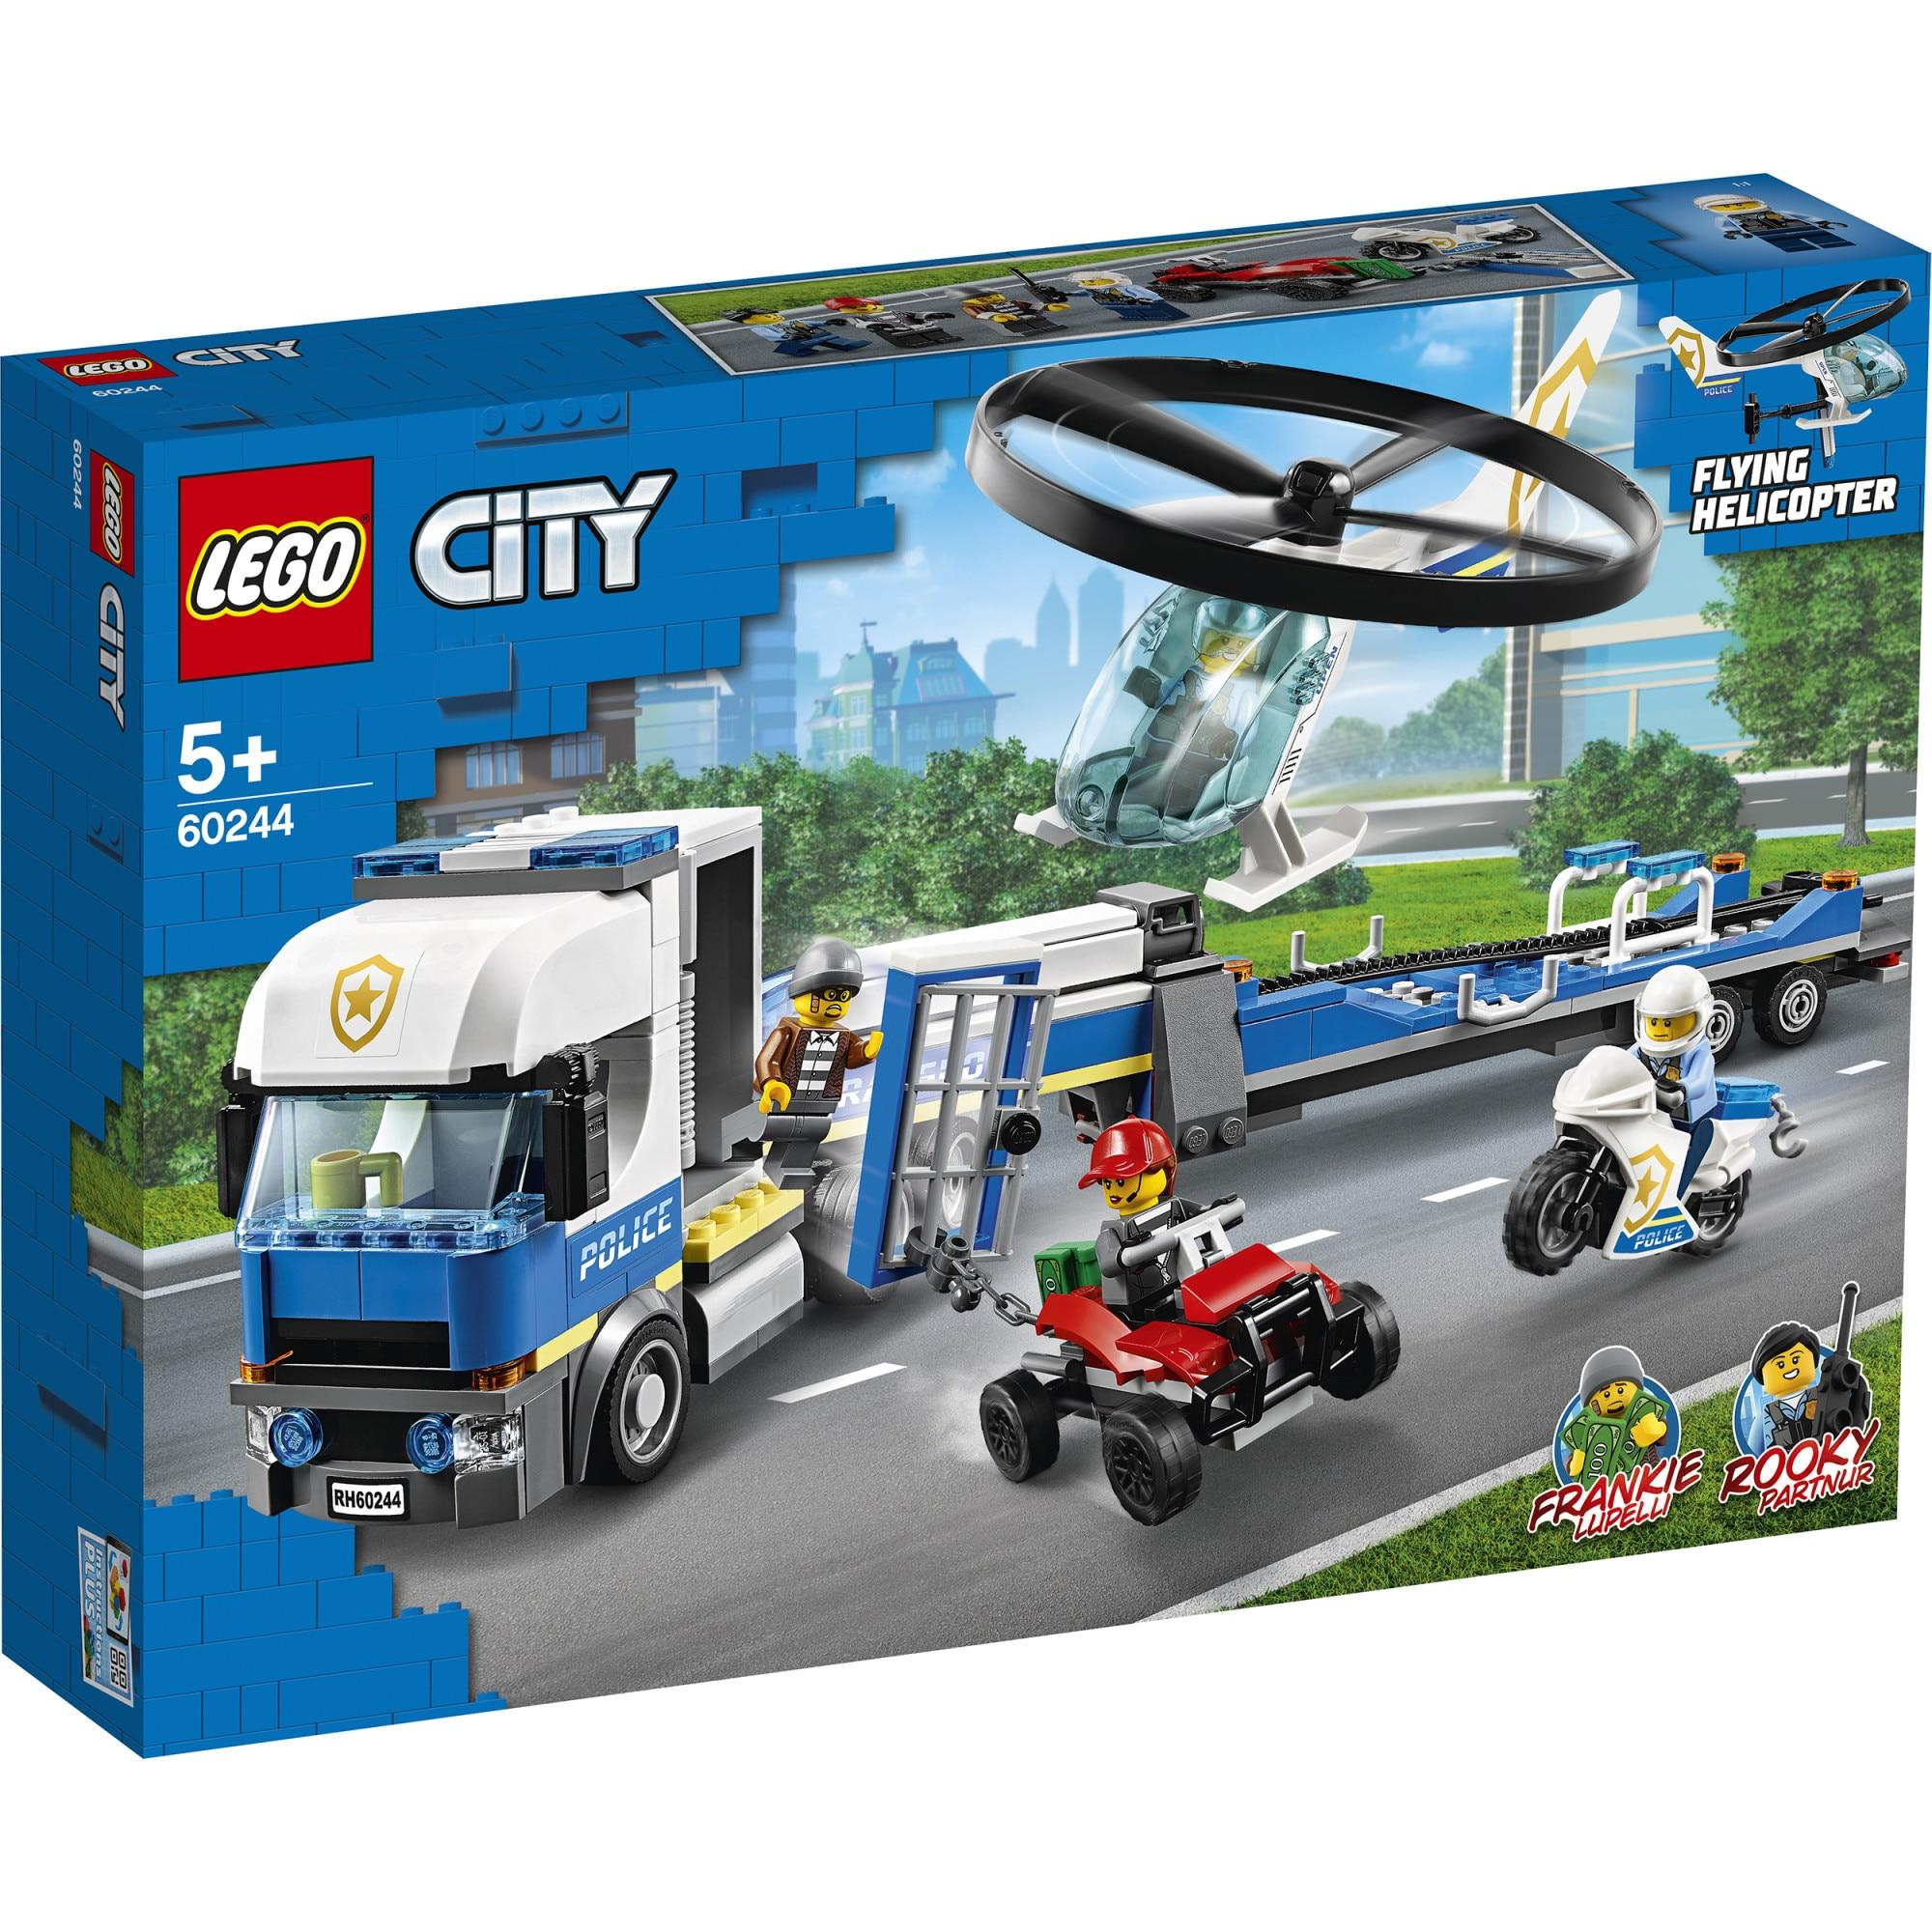 Fotografie LEGO City Police - Transportul elicopterului de politie 60244, 317 piese